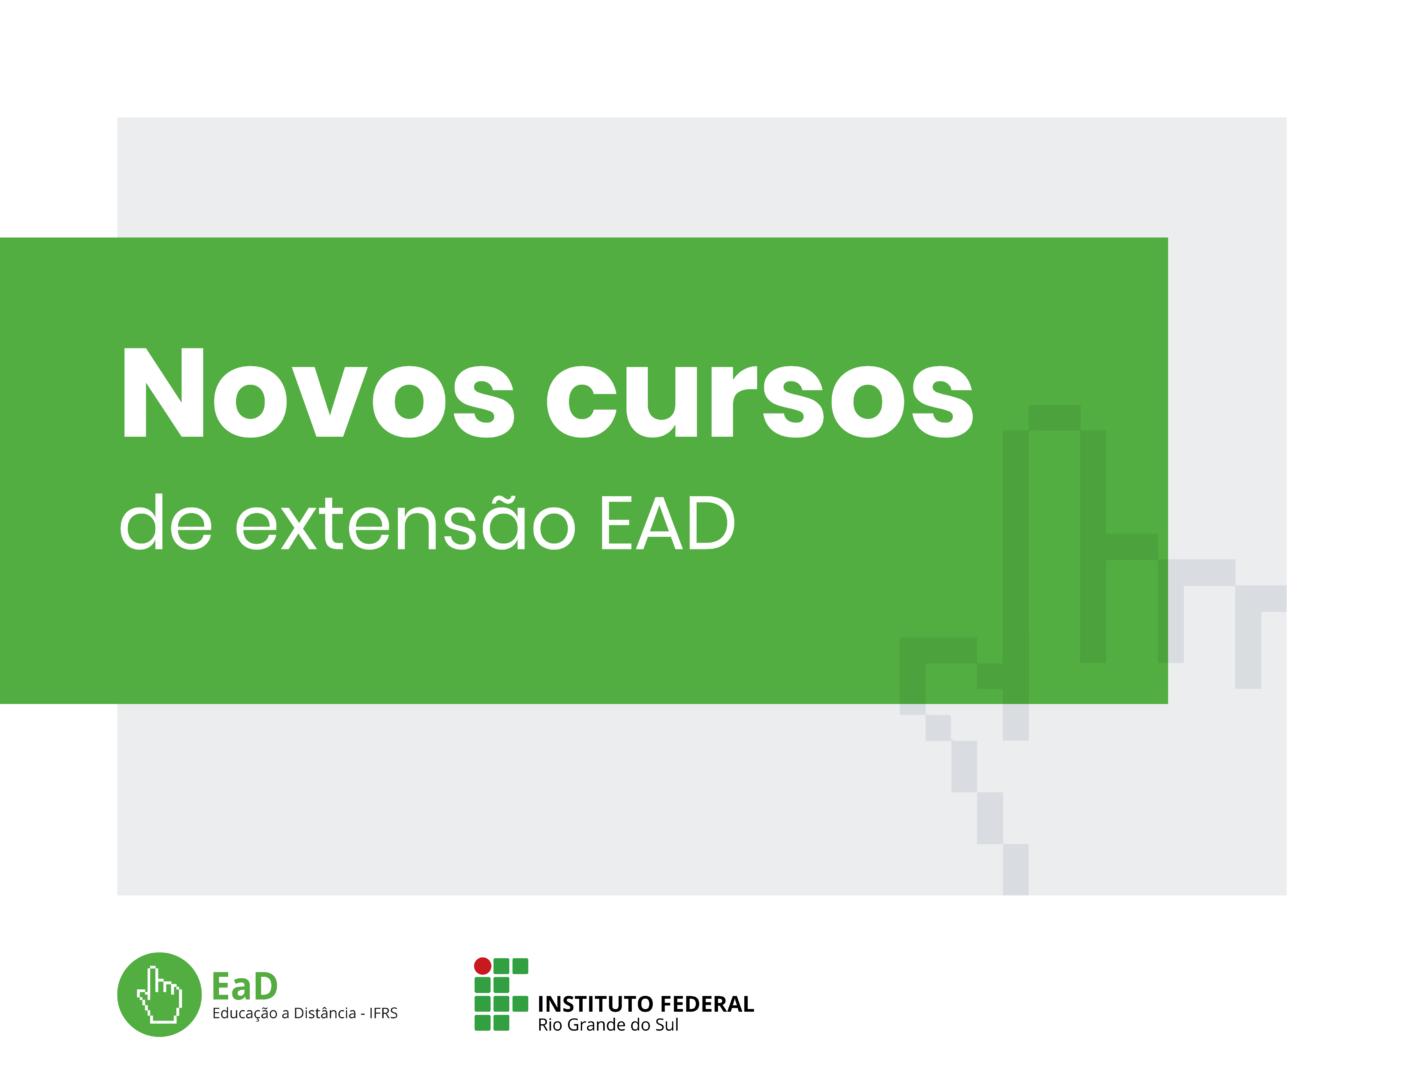 Novos cursos de extensão EaD